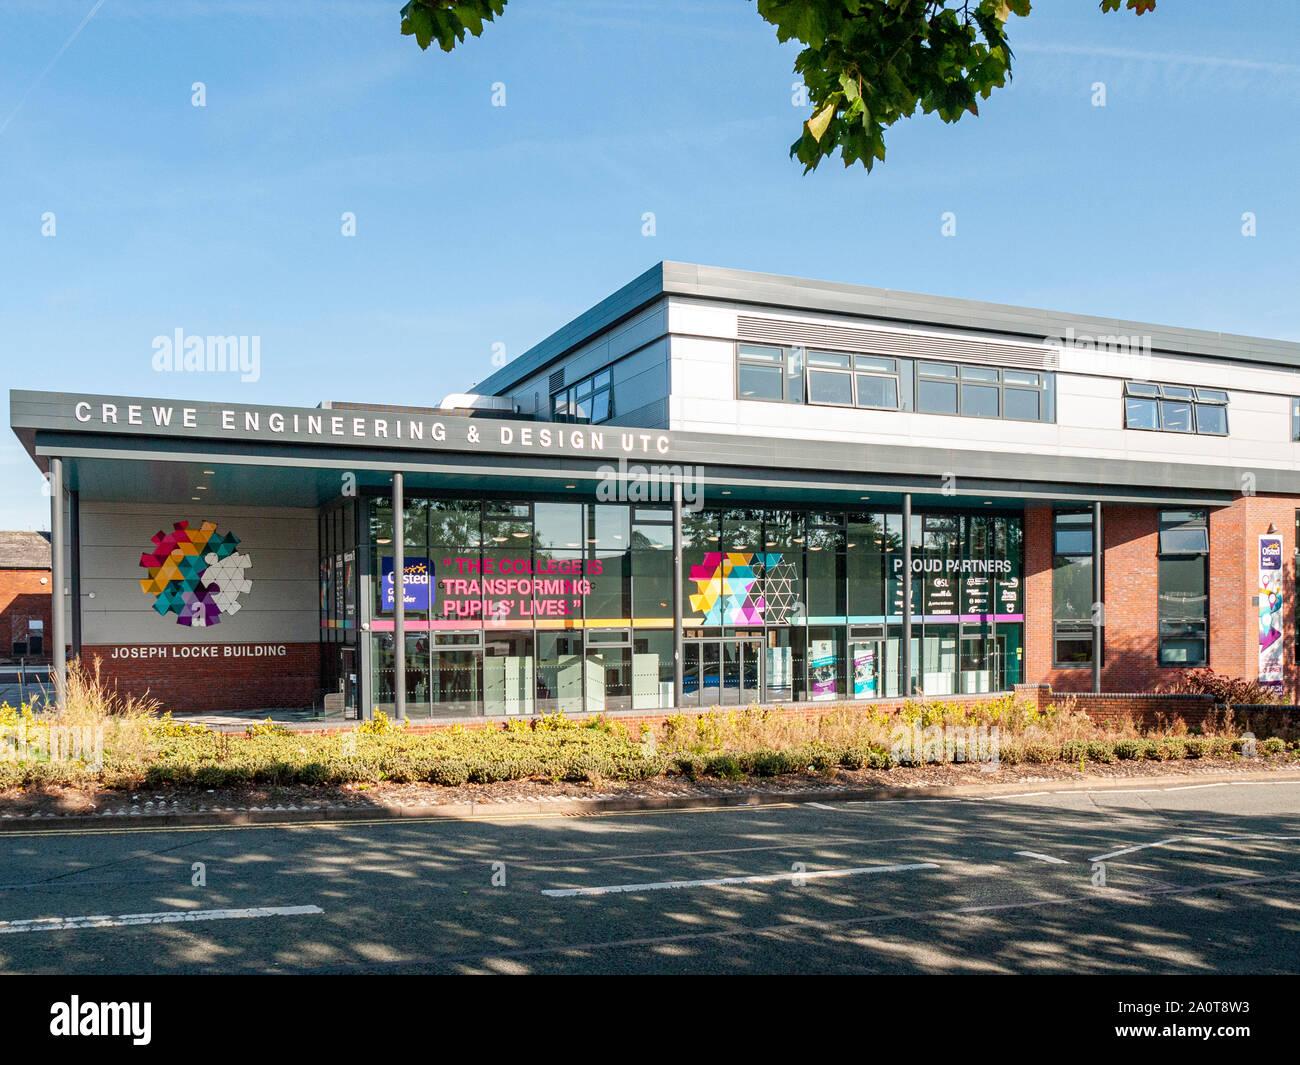 Crewe Engineering And Design Utc In Joseph Locke Building Crewe Cheshire Uk Stock Photo Alamy